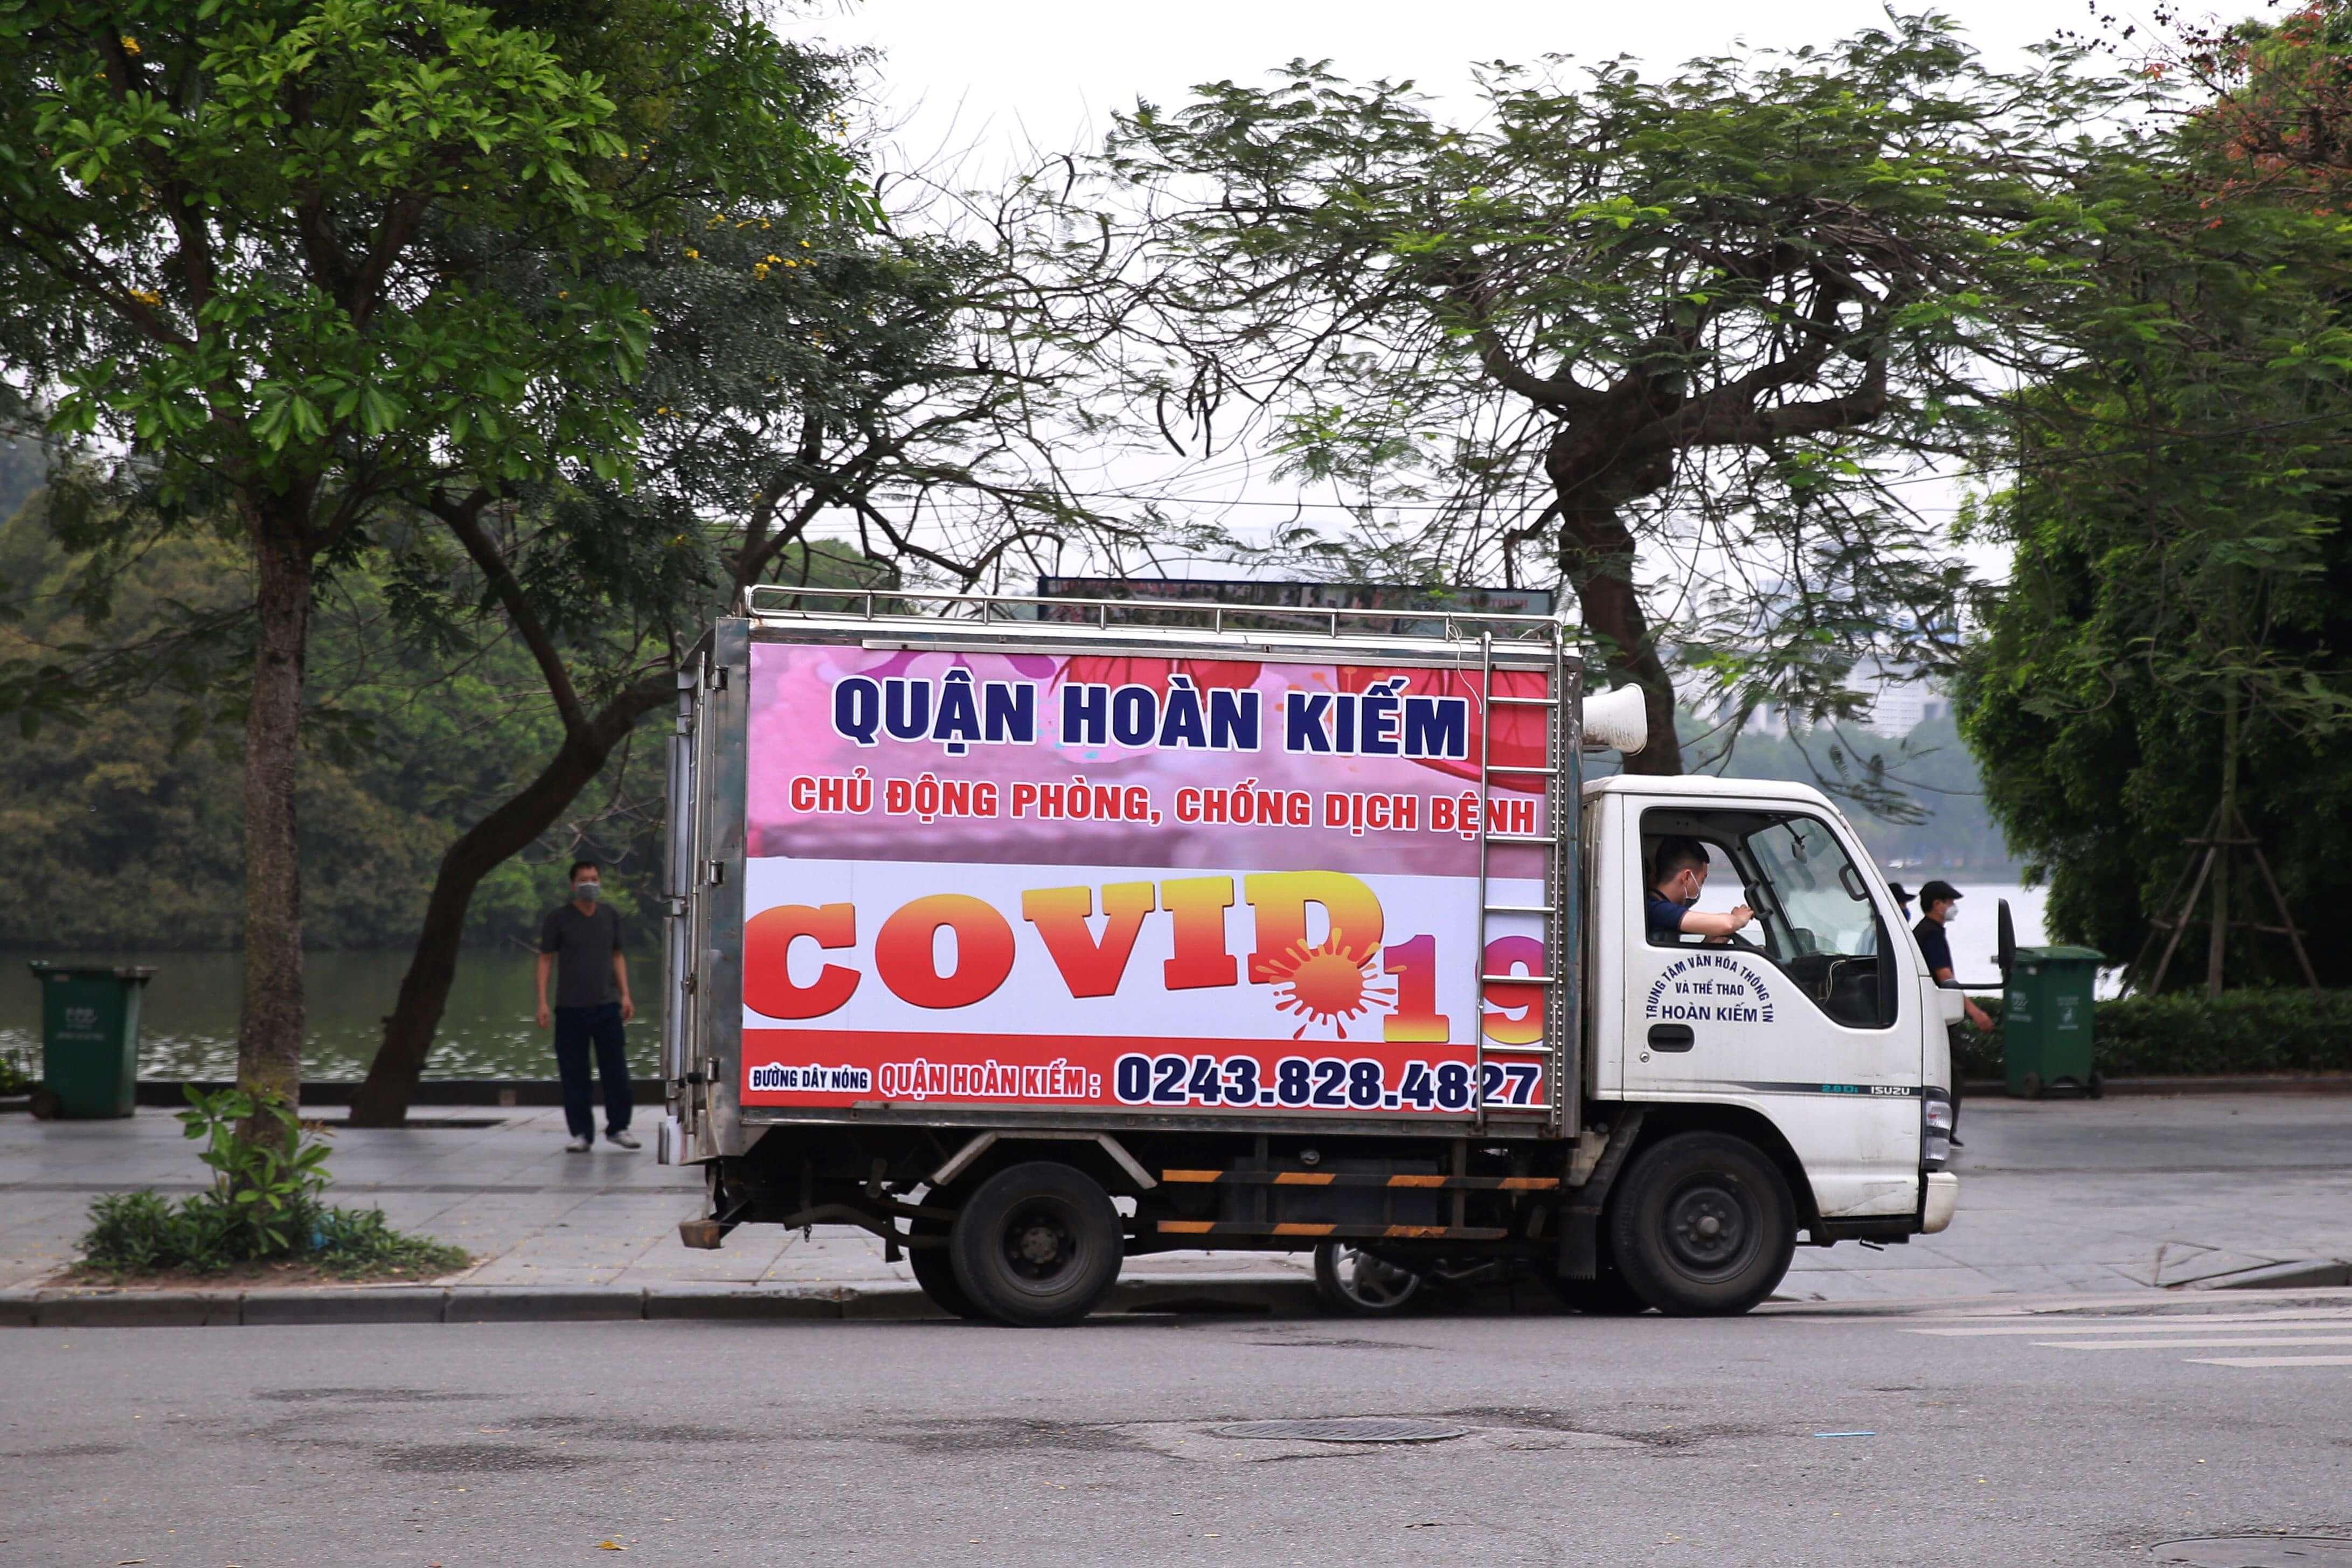 Vietnam adoptó cuarentenas masivas y un rastreo exhaustivo de los posibles contagios, desde el comienzo. (Foto: EFE).